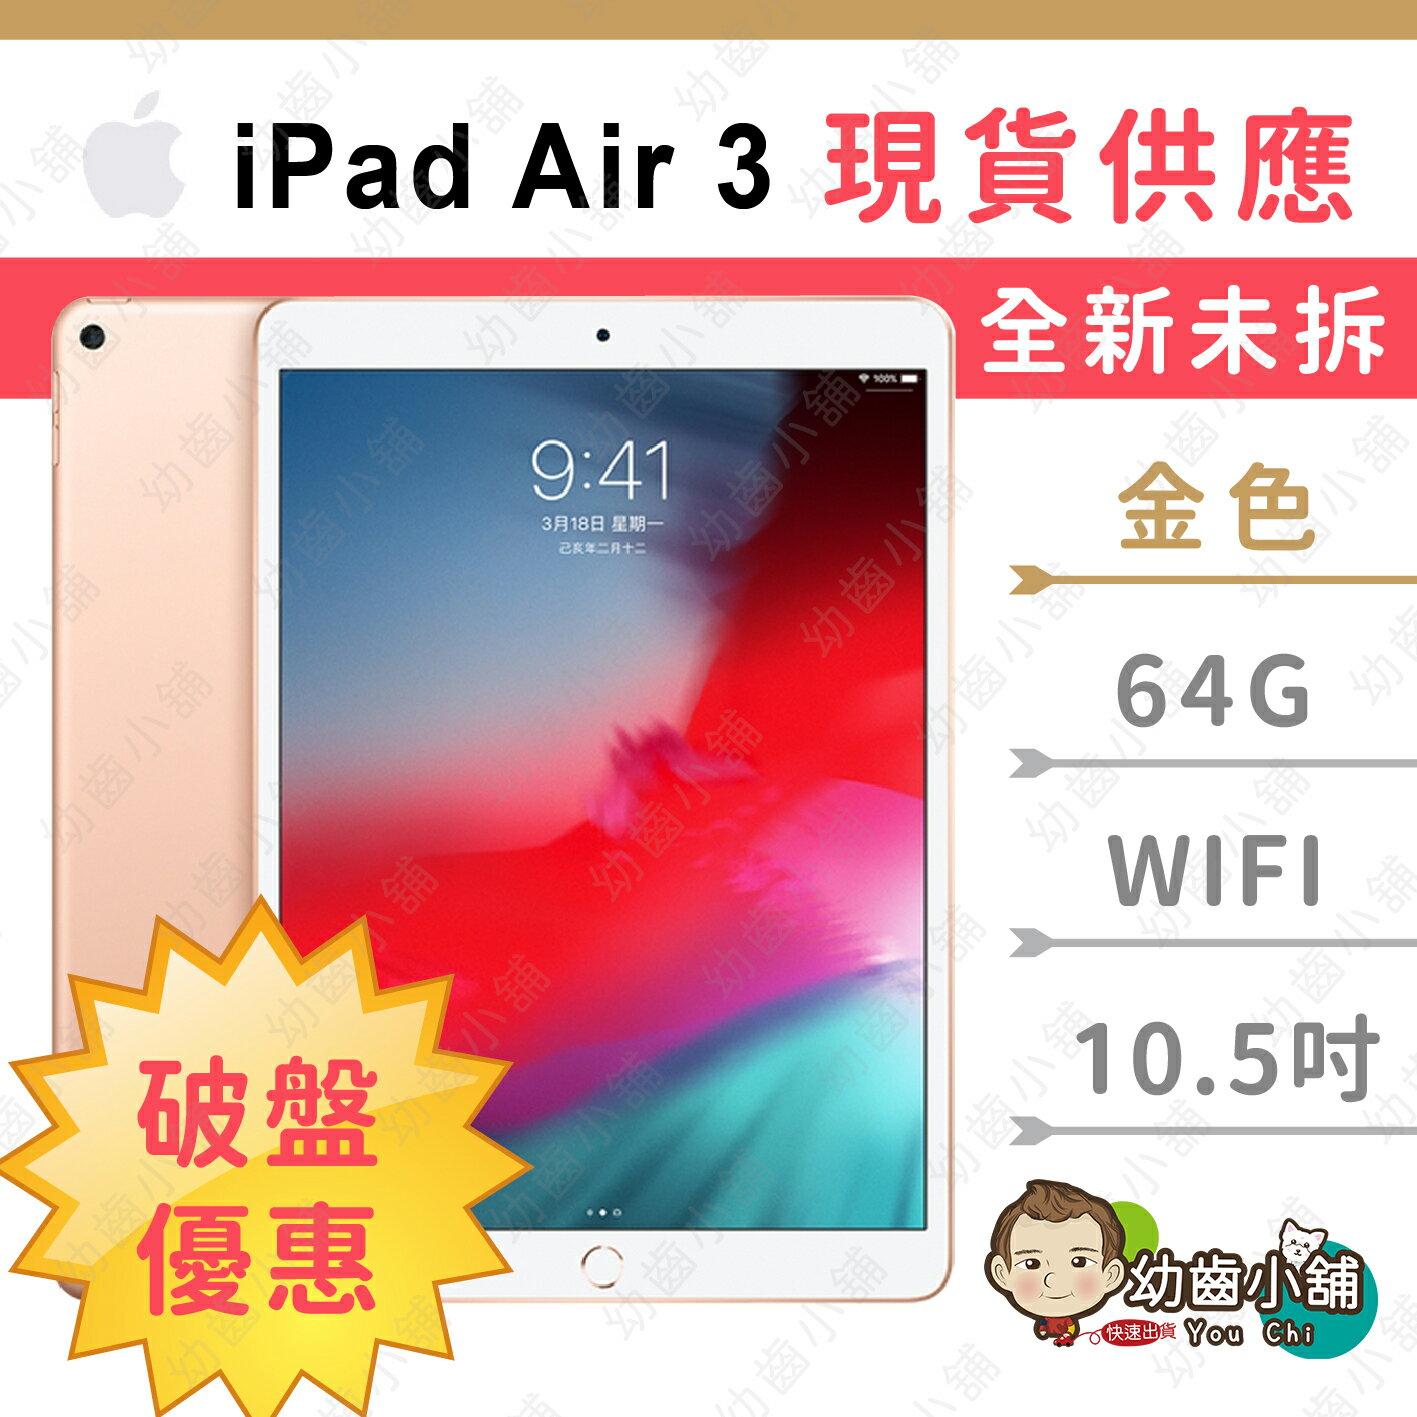 【台灣公司貨】(全新未拆現貨) IPAD AIR3 WIFI 64G 金 10.5吋 [ 實體店家 ]